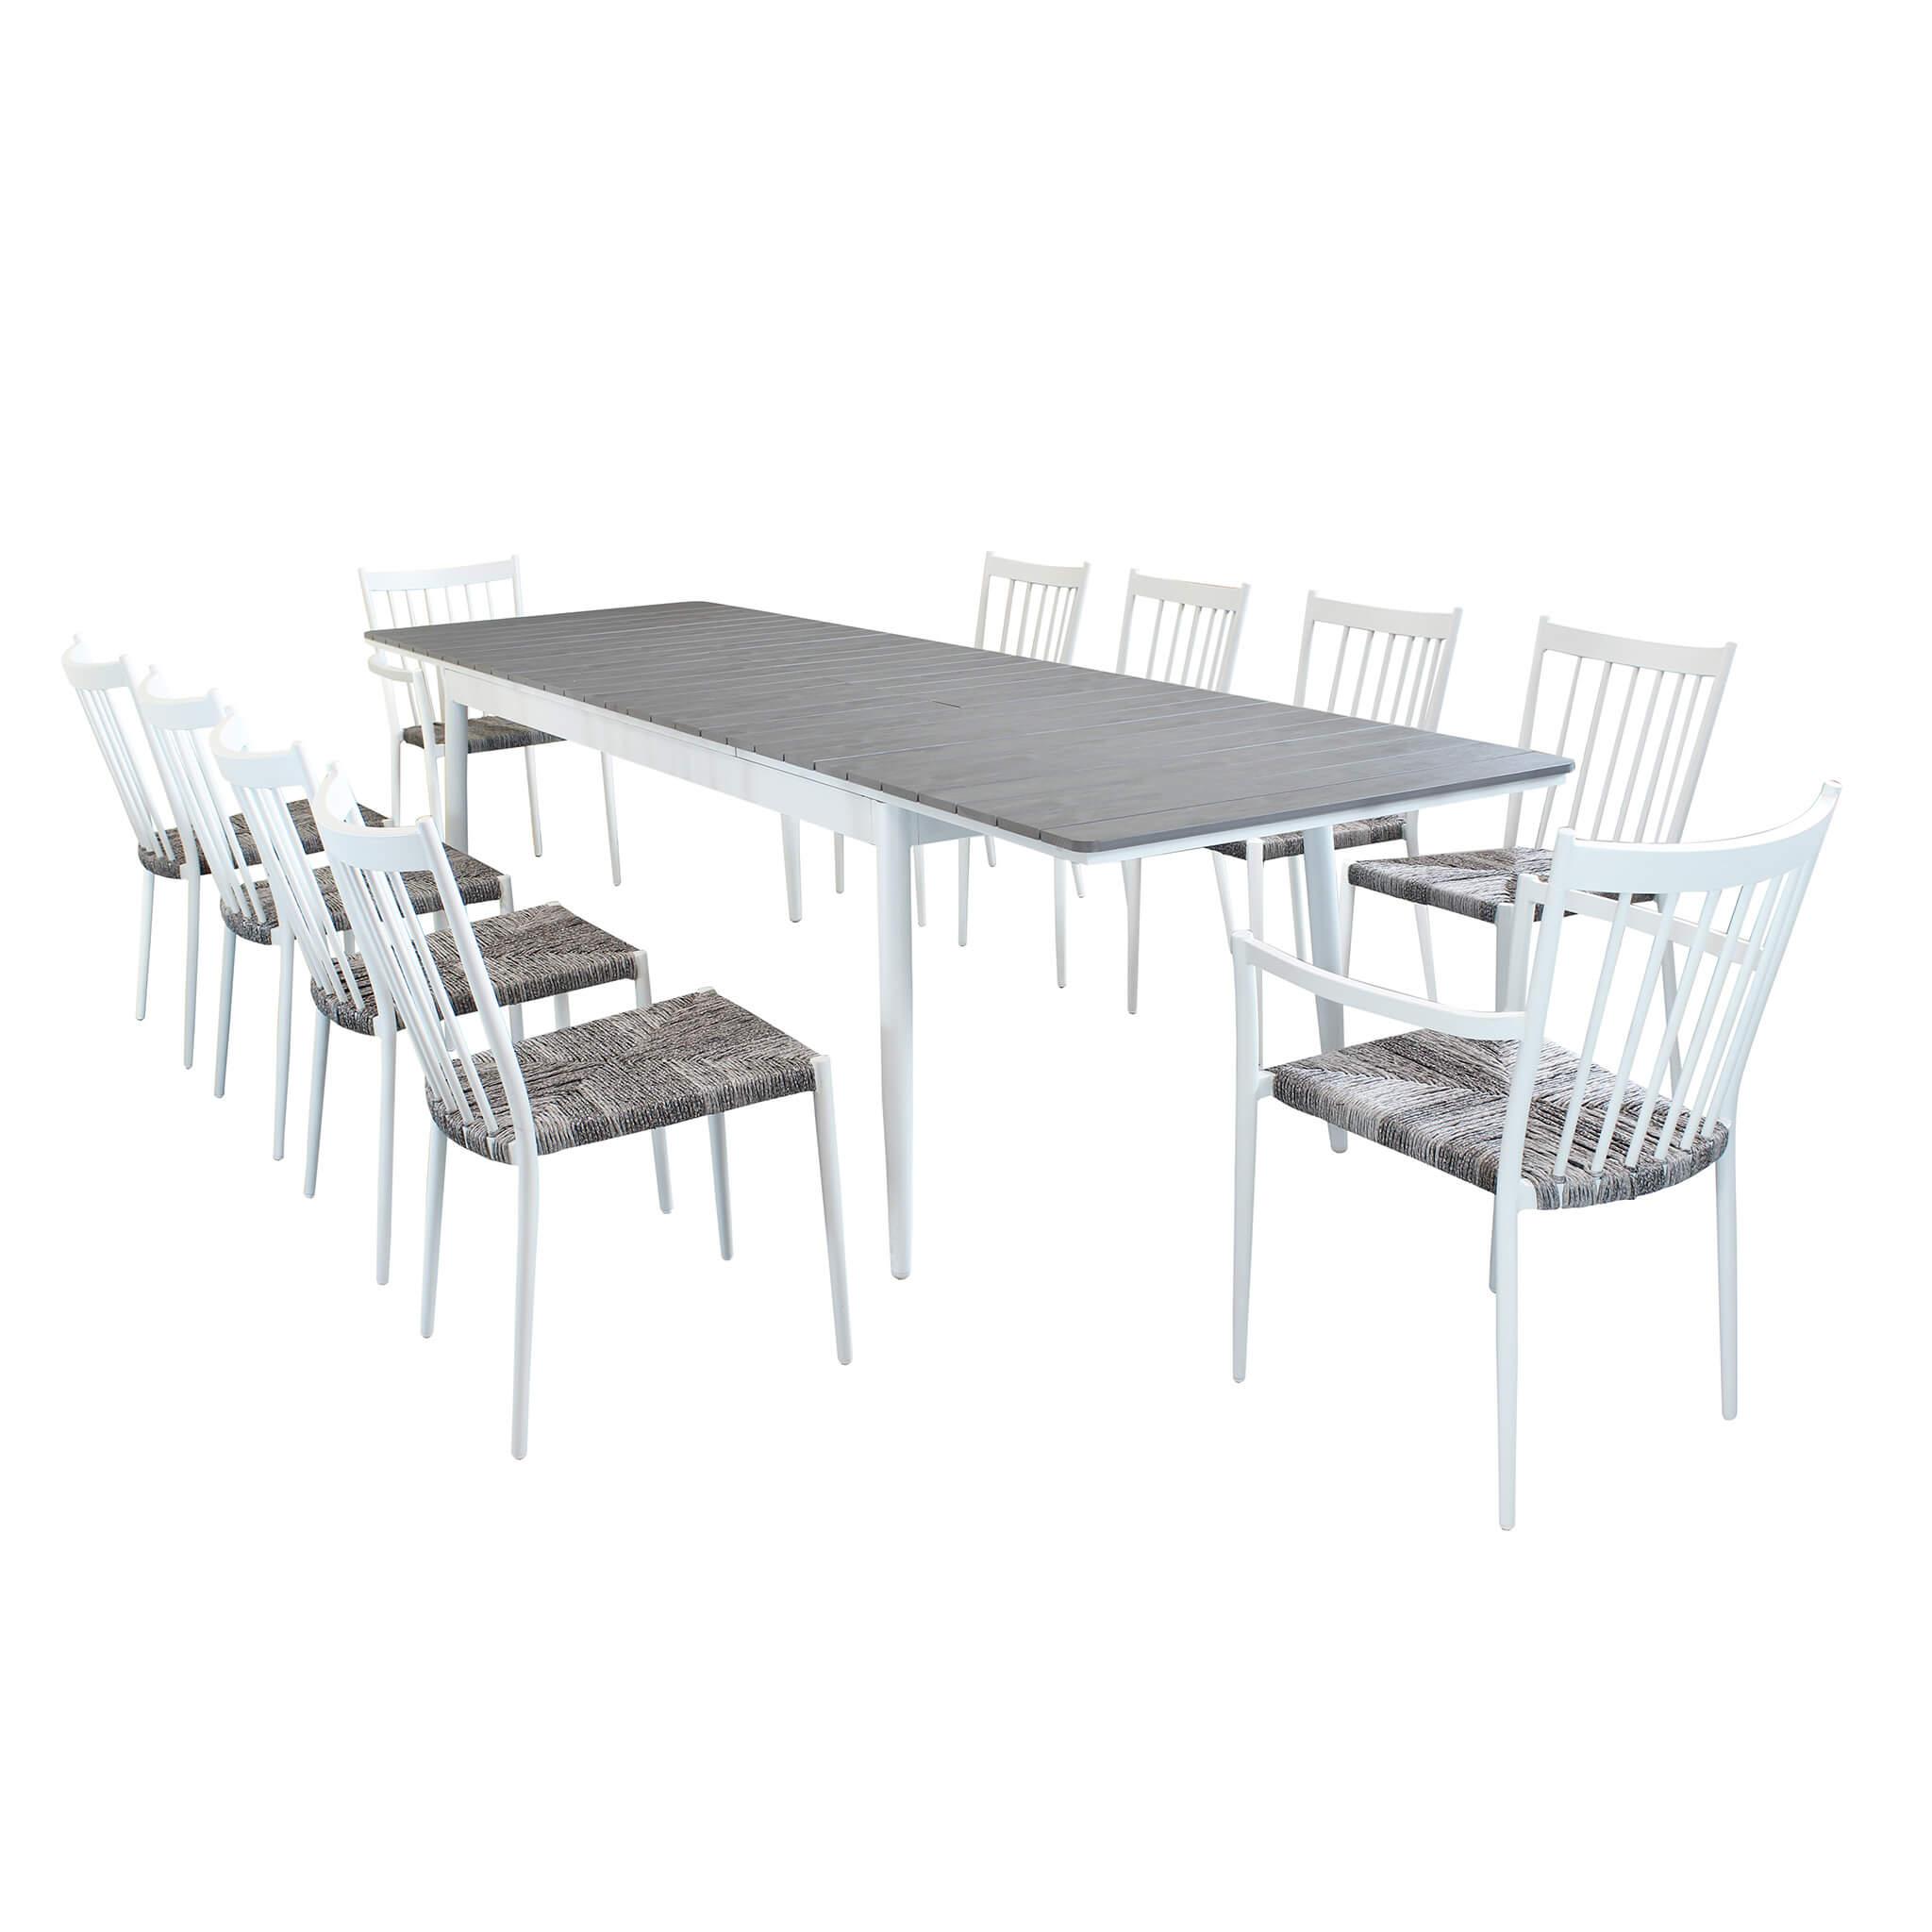 Milani Home IMPERIUM - set tavolo da giardino allungabile in alluminio e polywood 200/300 x 90 compreso di 8 sedie e 2 poltrone in alluminio e polyrattan